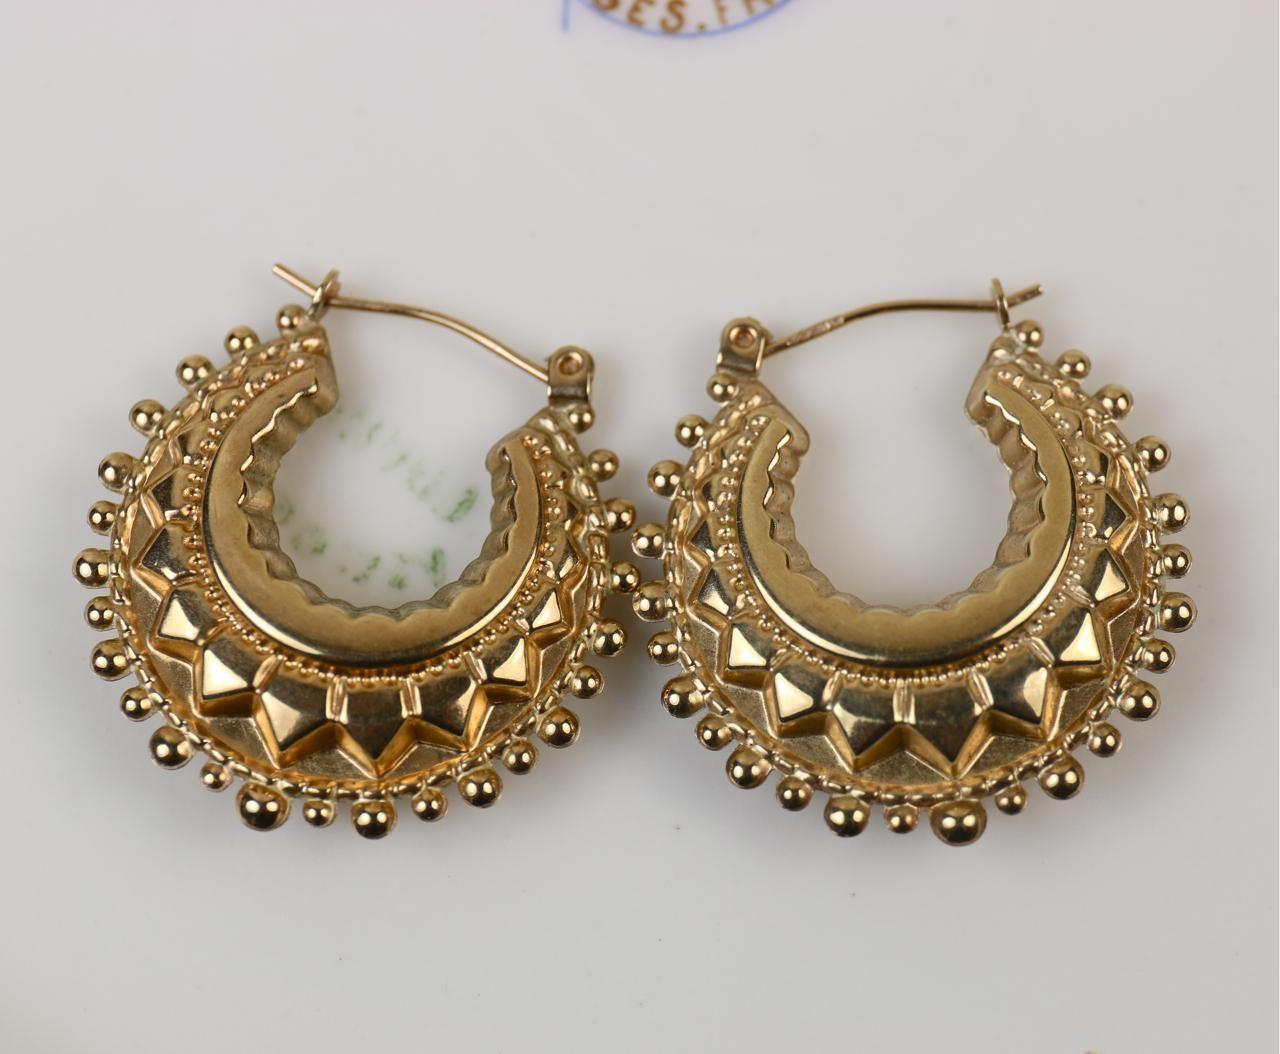 f125d4c21ea14 Antique victorian 1897 birmingham 9 carat gold earrings – Artofit